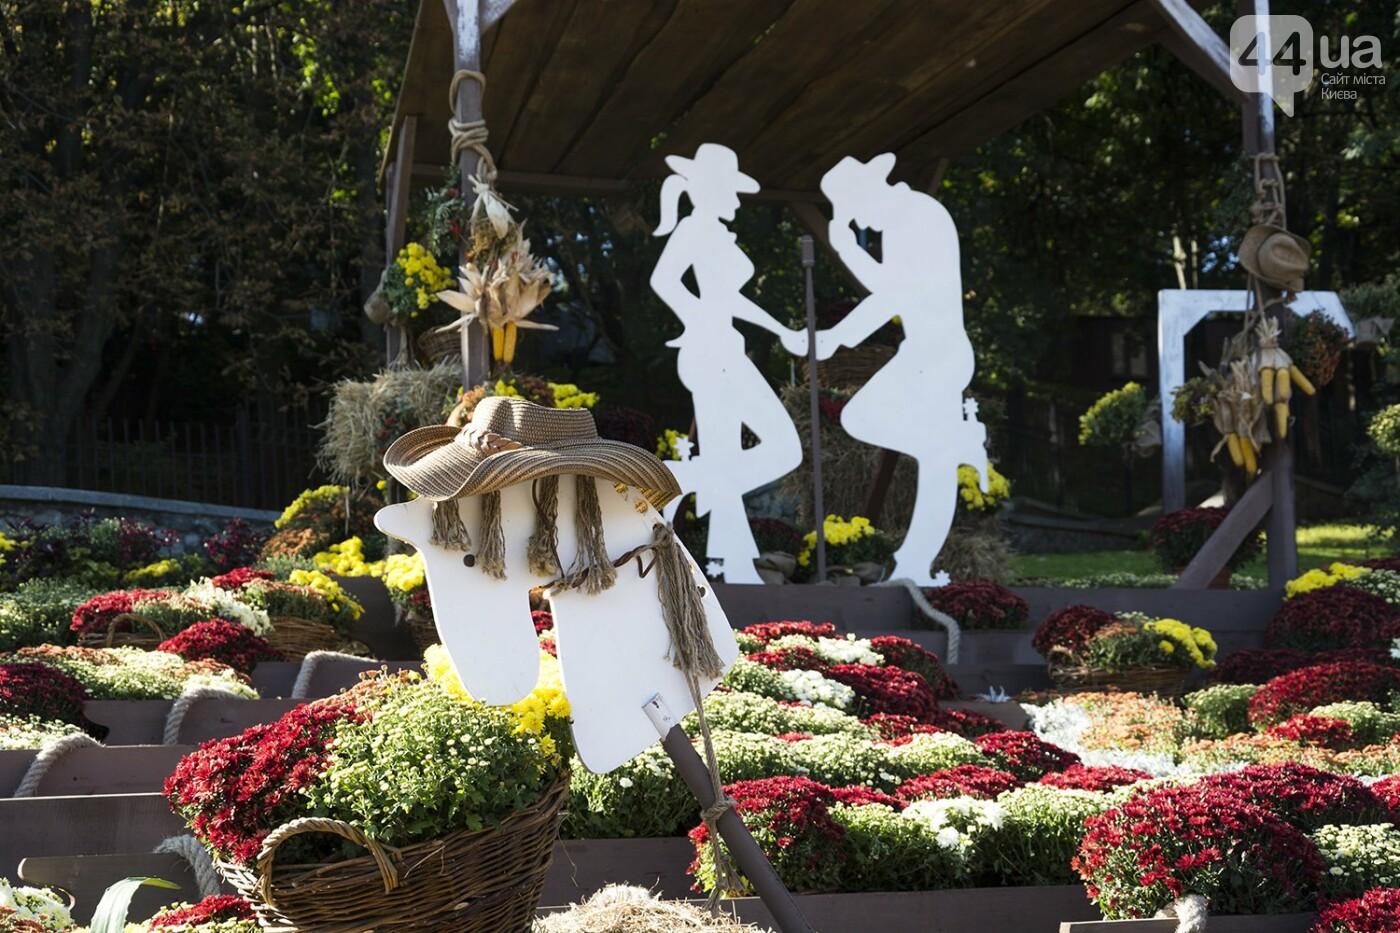 С музыкой и цветами: в Киеве стартовал красочный фестиваль хризантем, - ФОТОРЕПОРТАЖ, фото-3